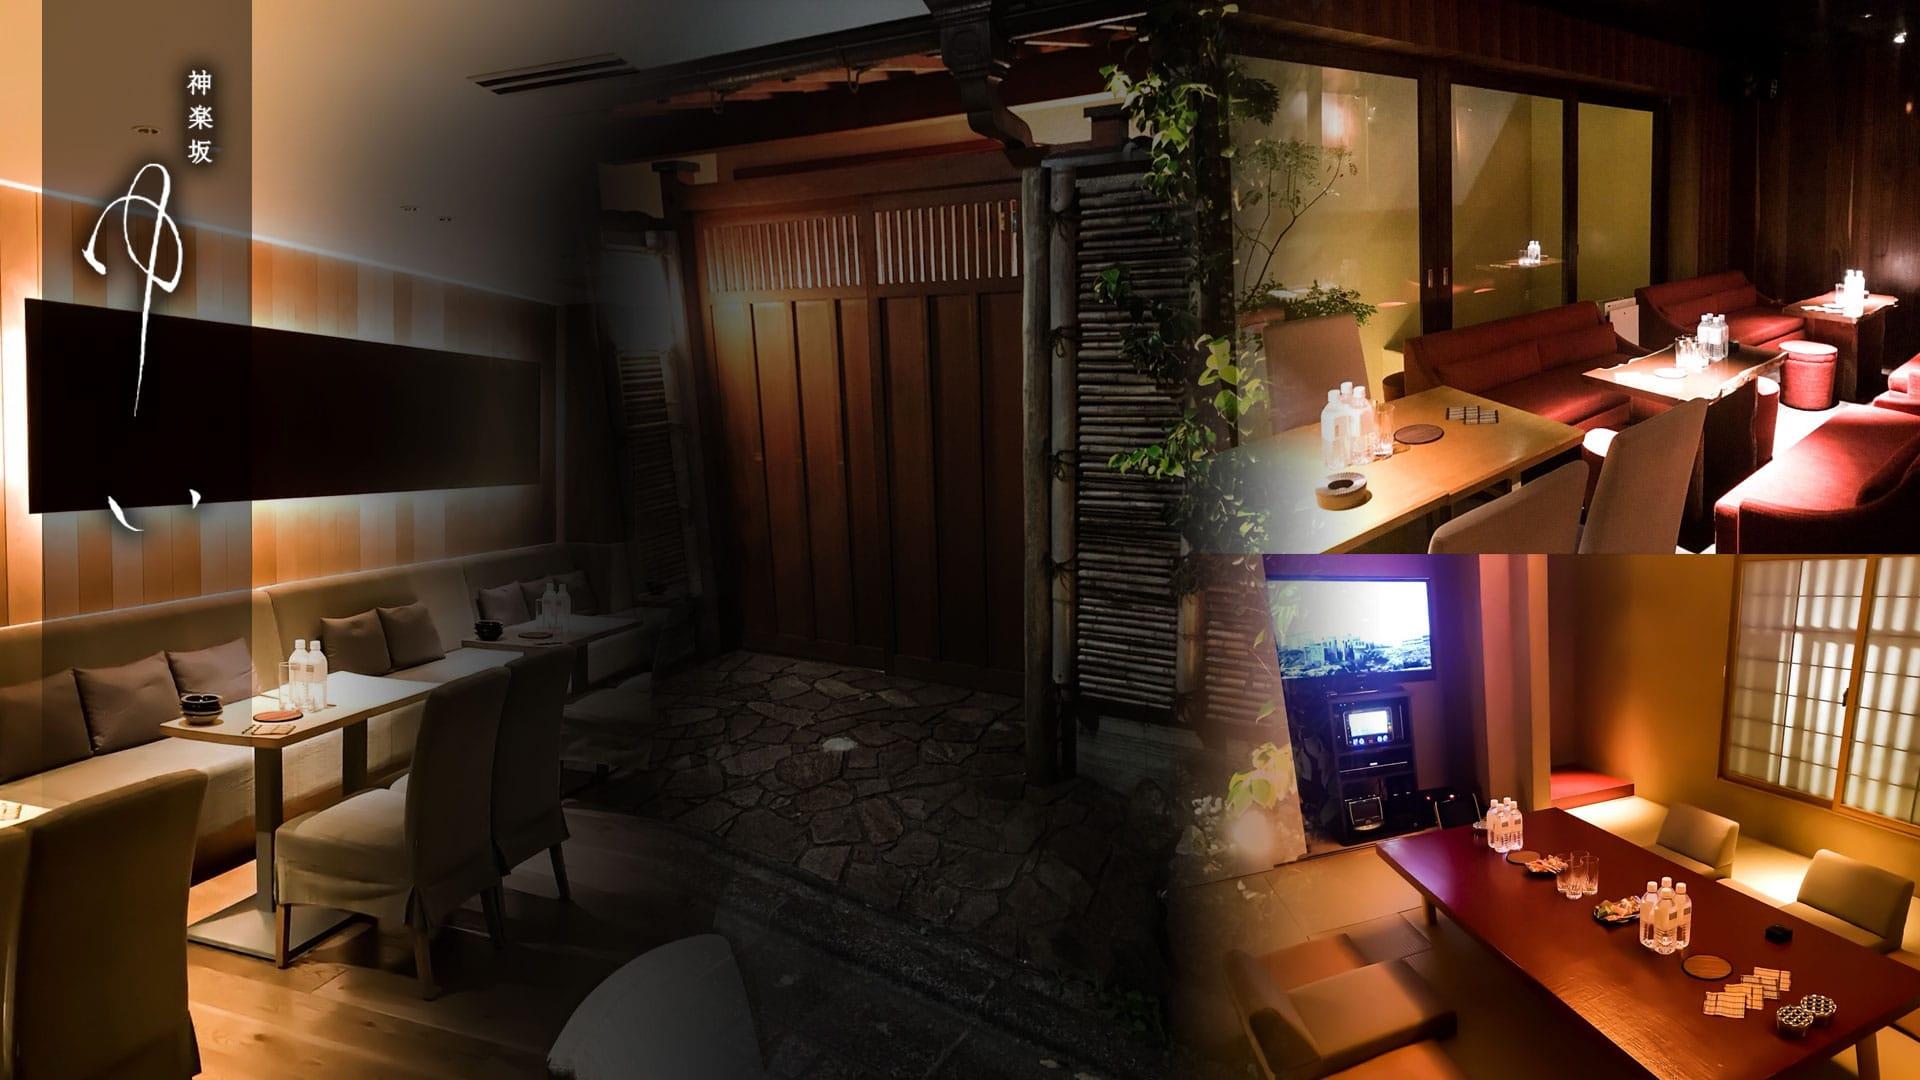 神楽坂[ゆい] 神楽坂 キャバクラ TOP画像